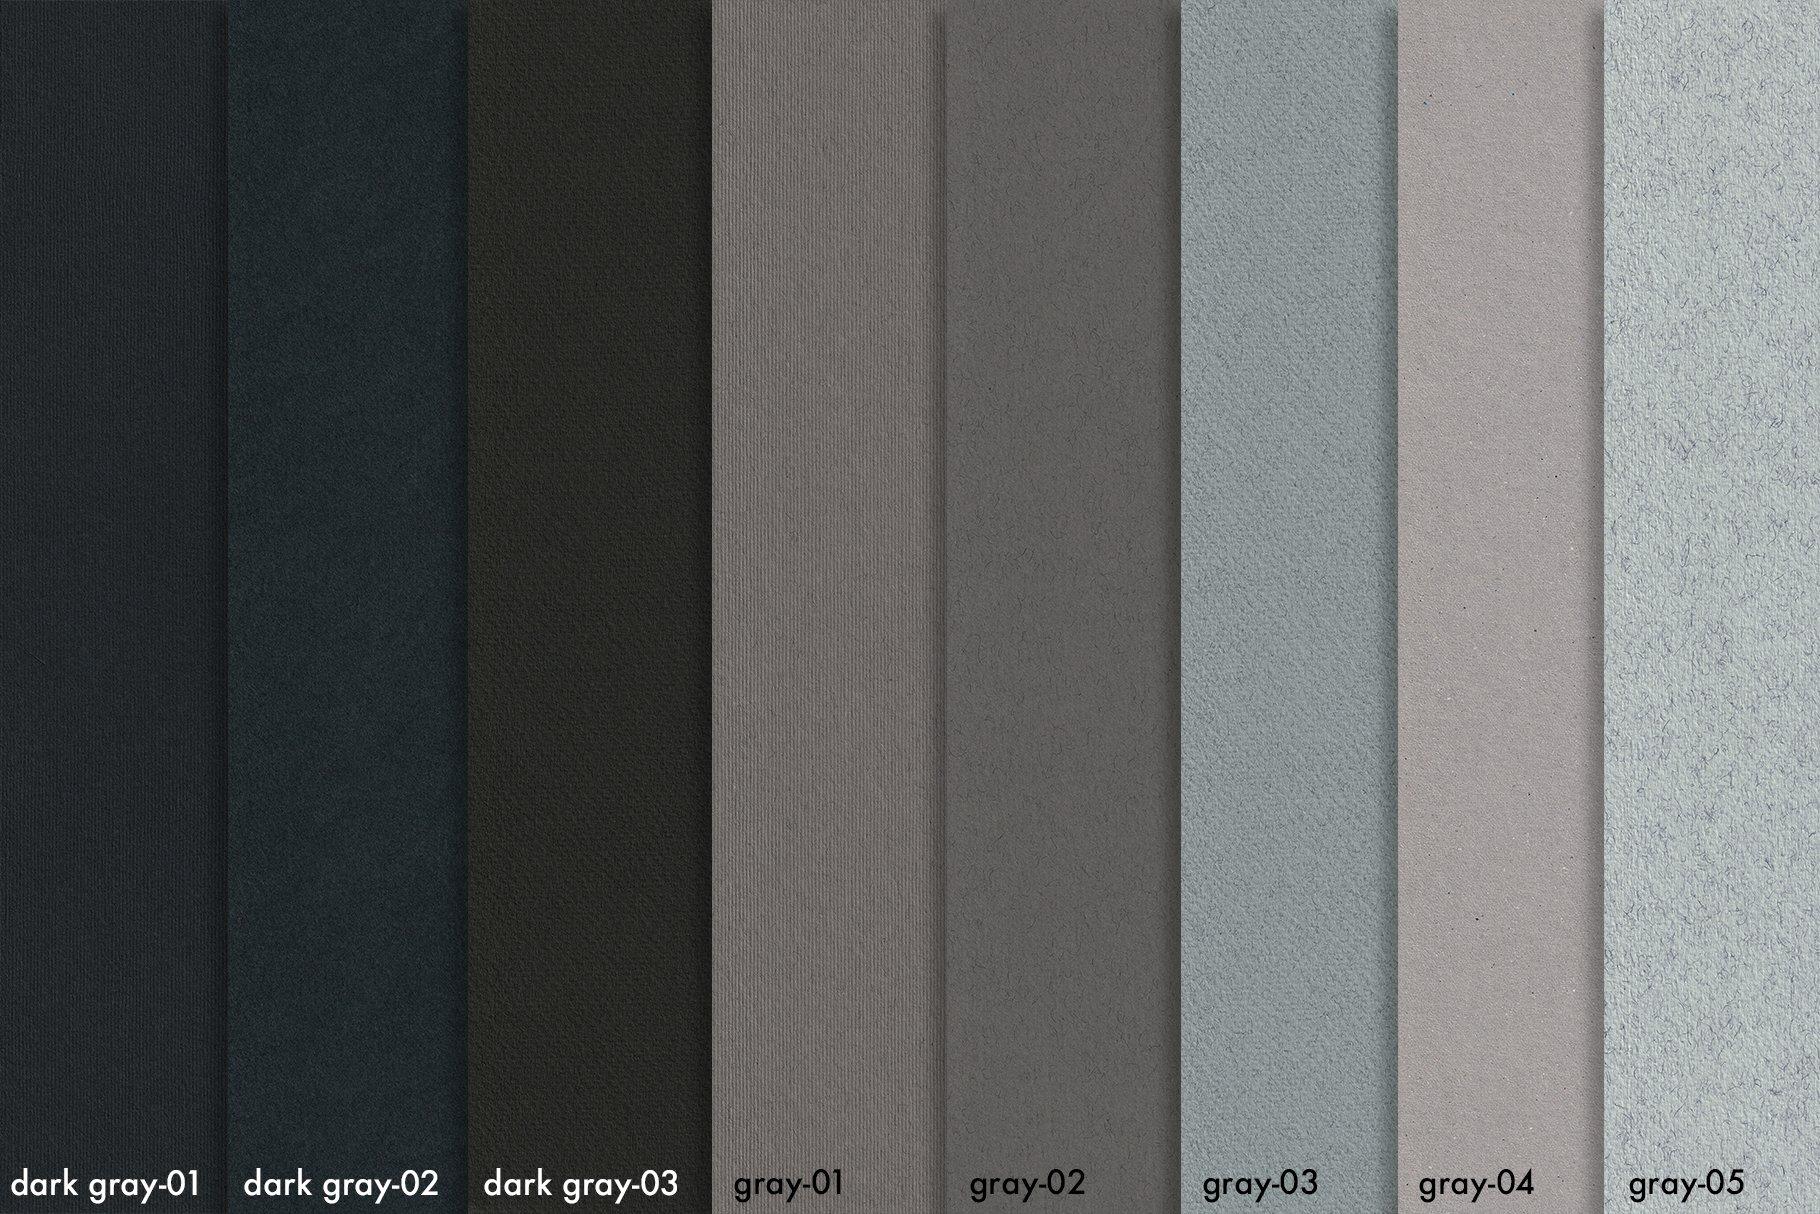 30款复古牛皮纸纸质纹理印刷品设计背景图片素材 Watercolor Paper Texture Collection插图15